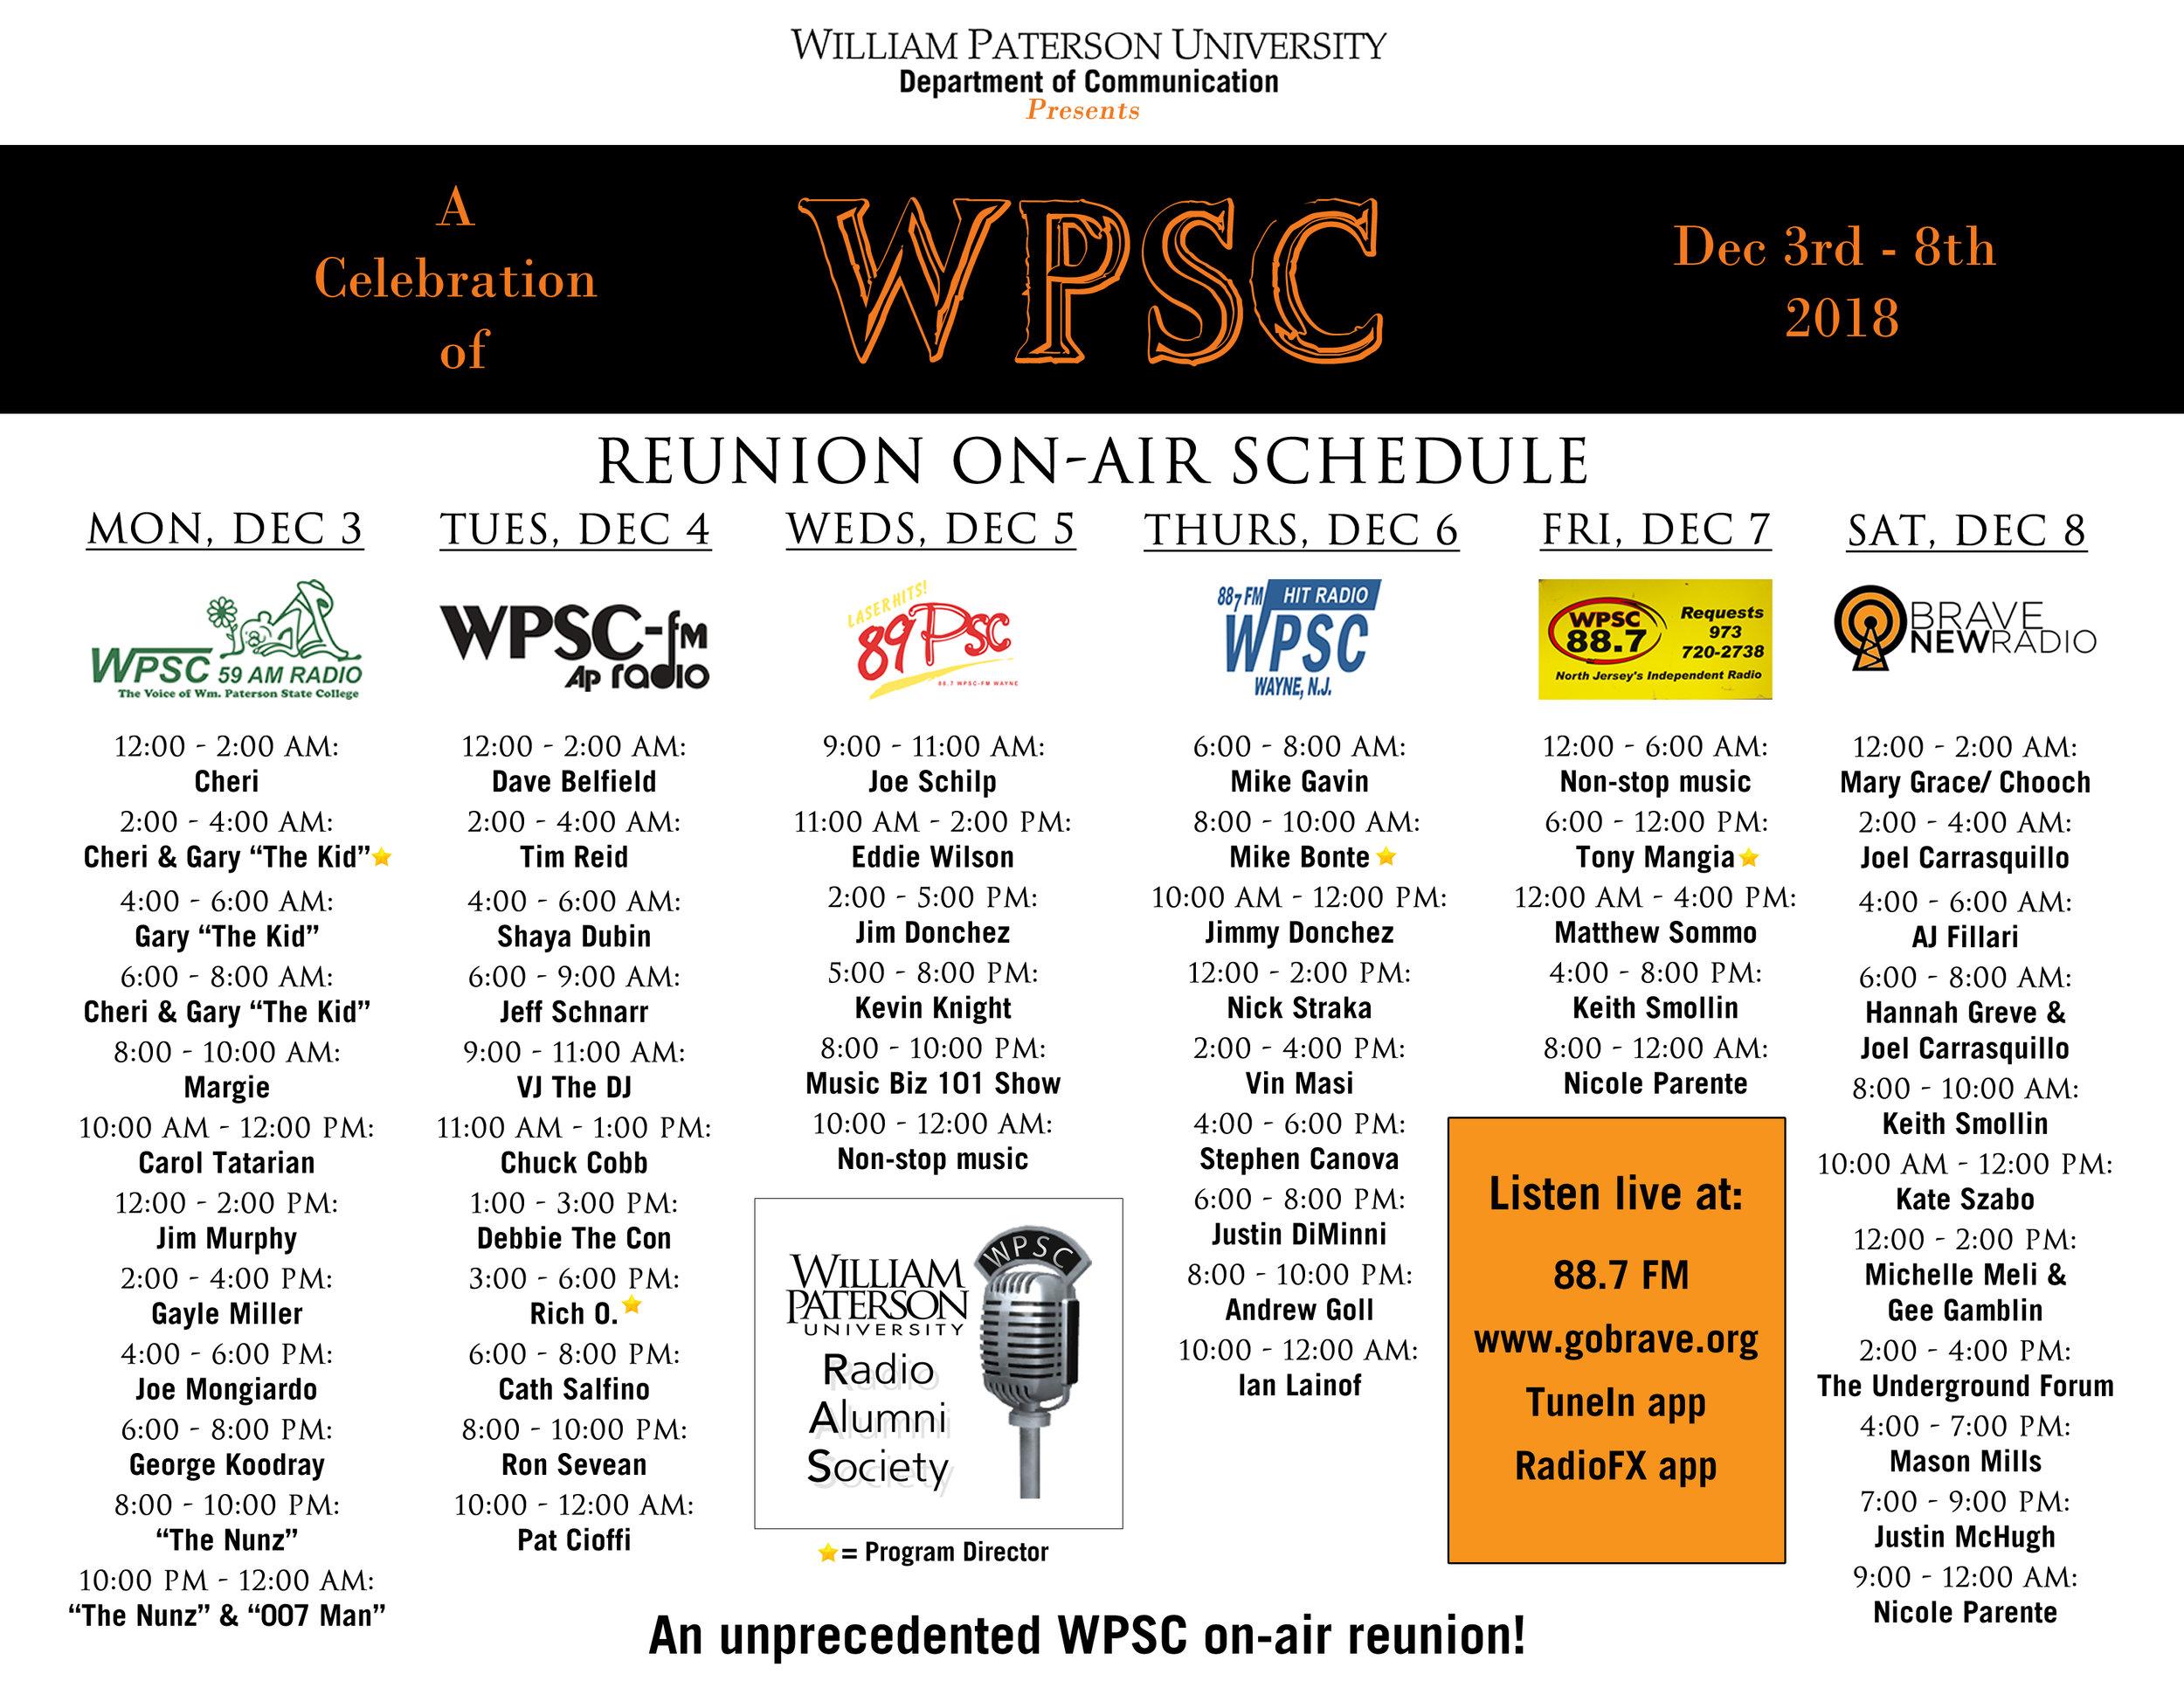 wpsc schedule.jpg